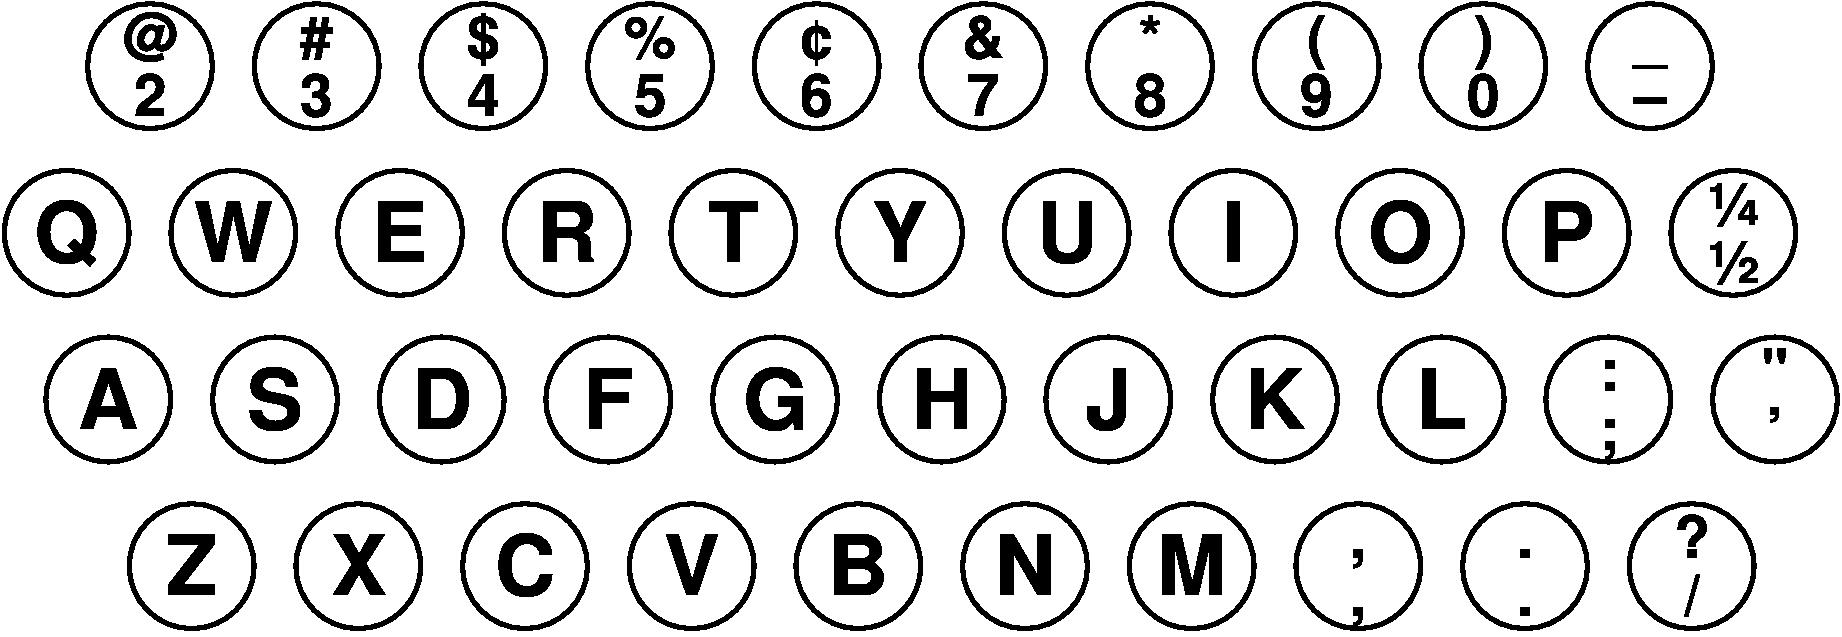 1938年1月時点の「IBM Electromatic」のキー配列